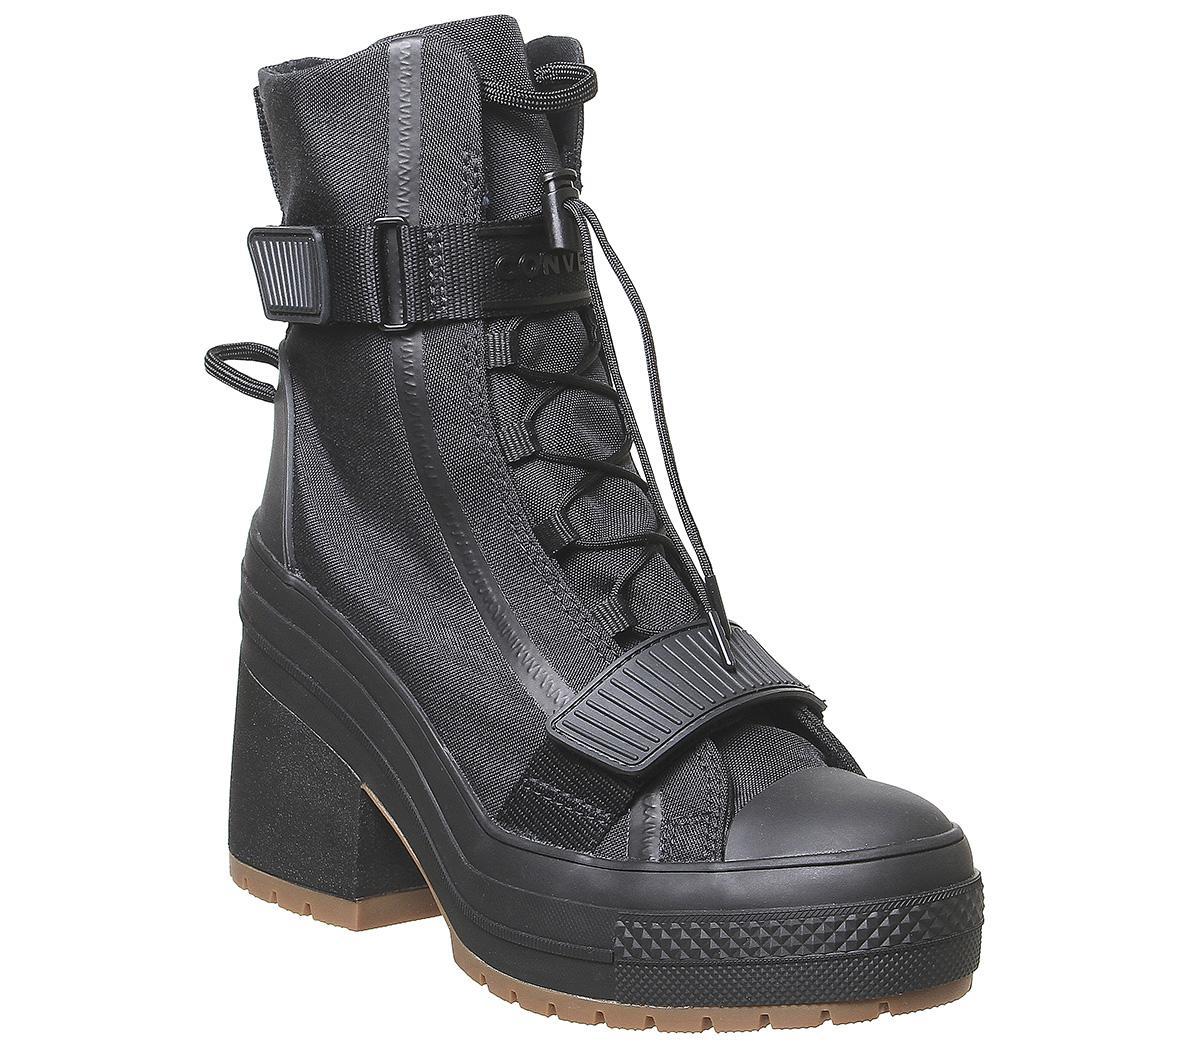 Gr-82 Hi Trainer Boots